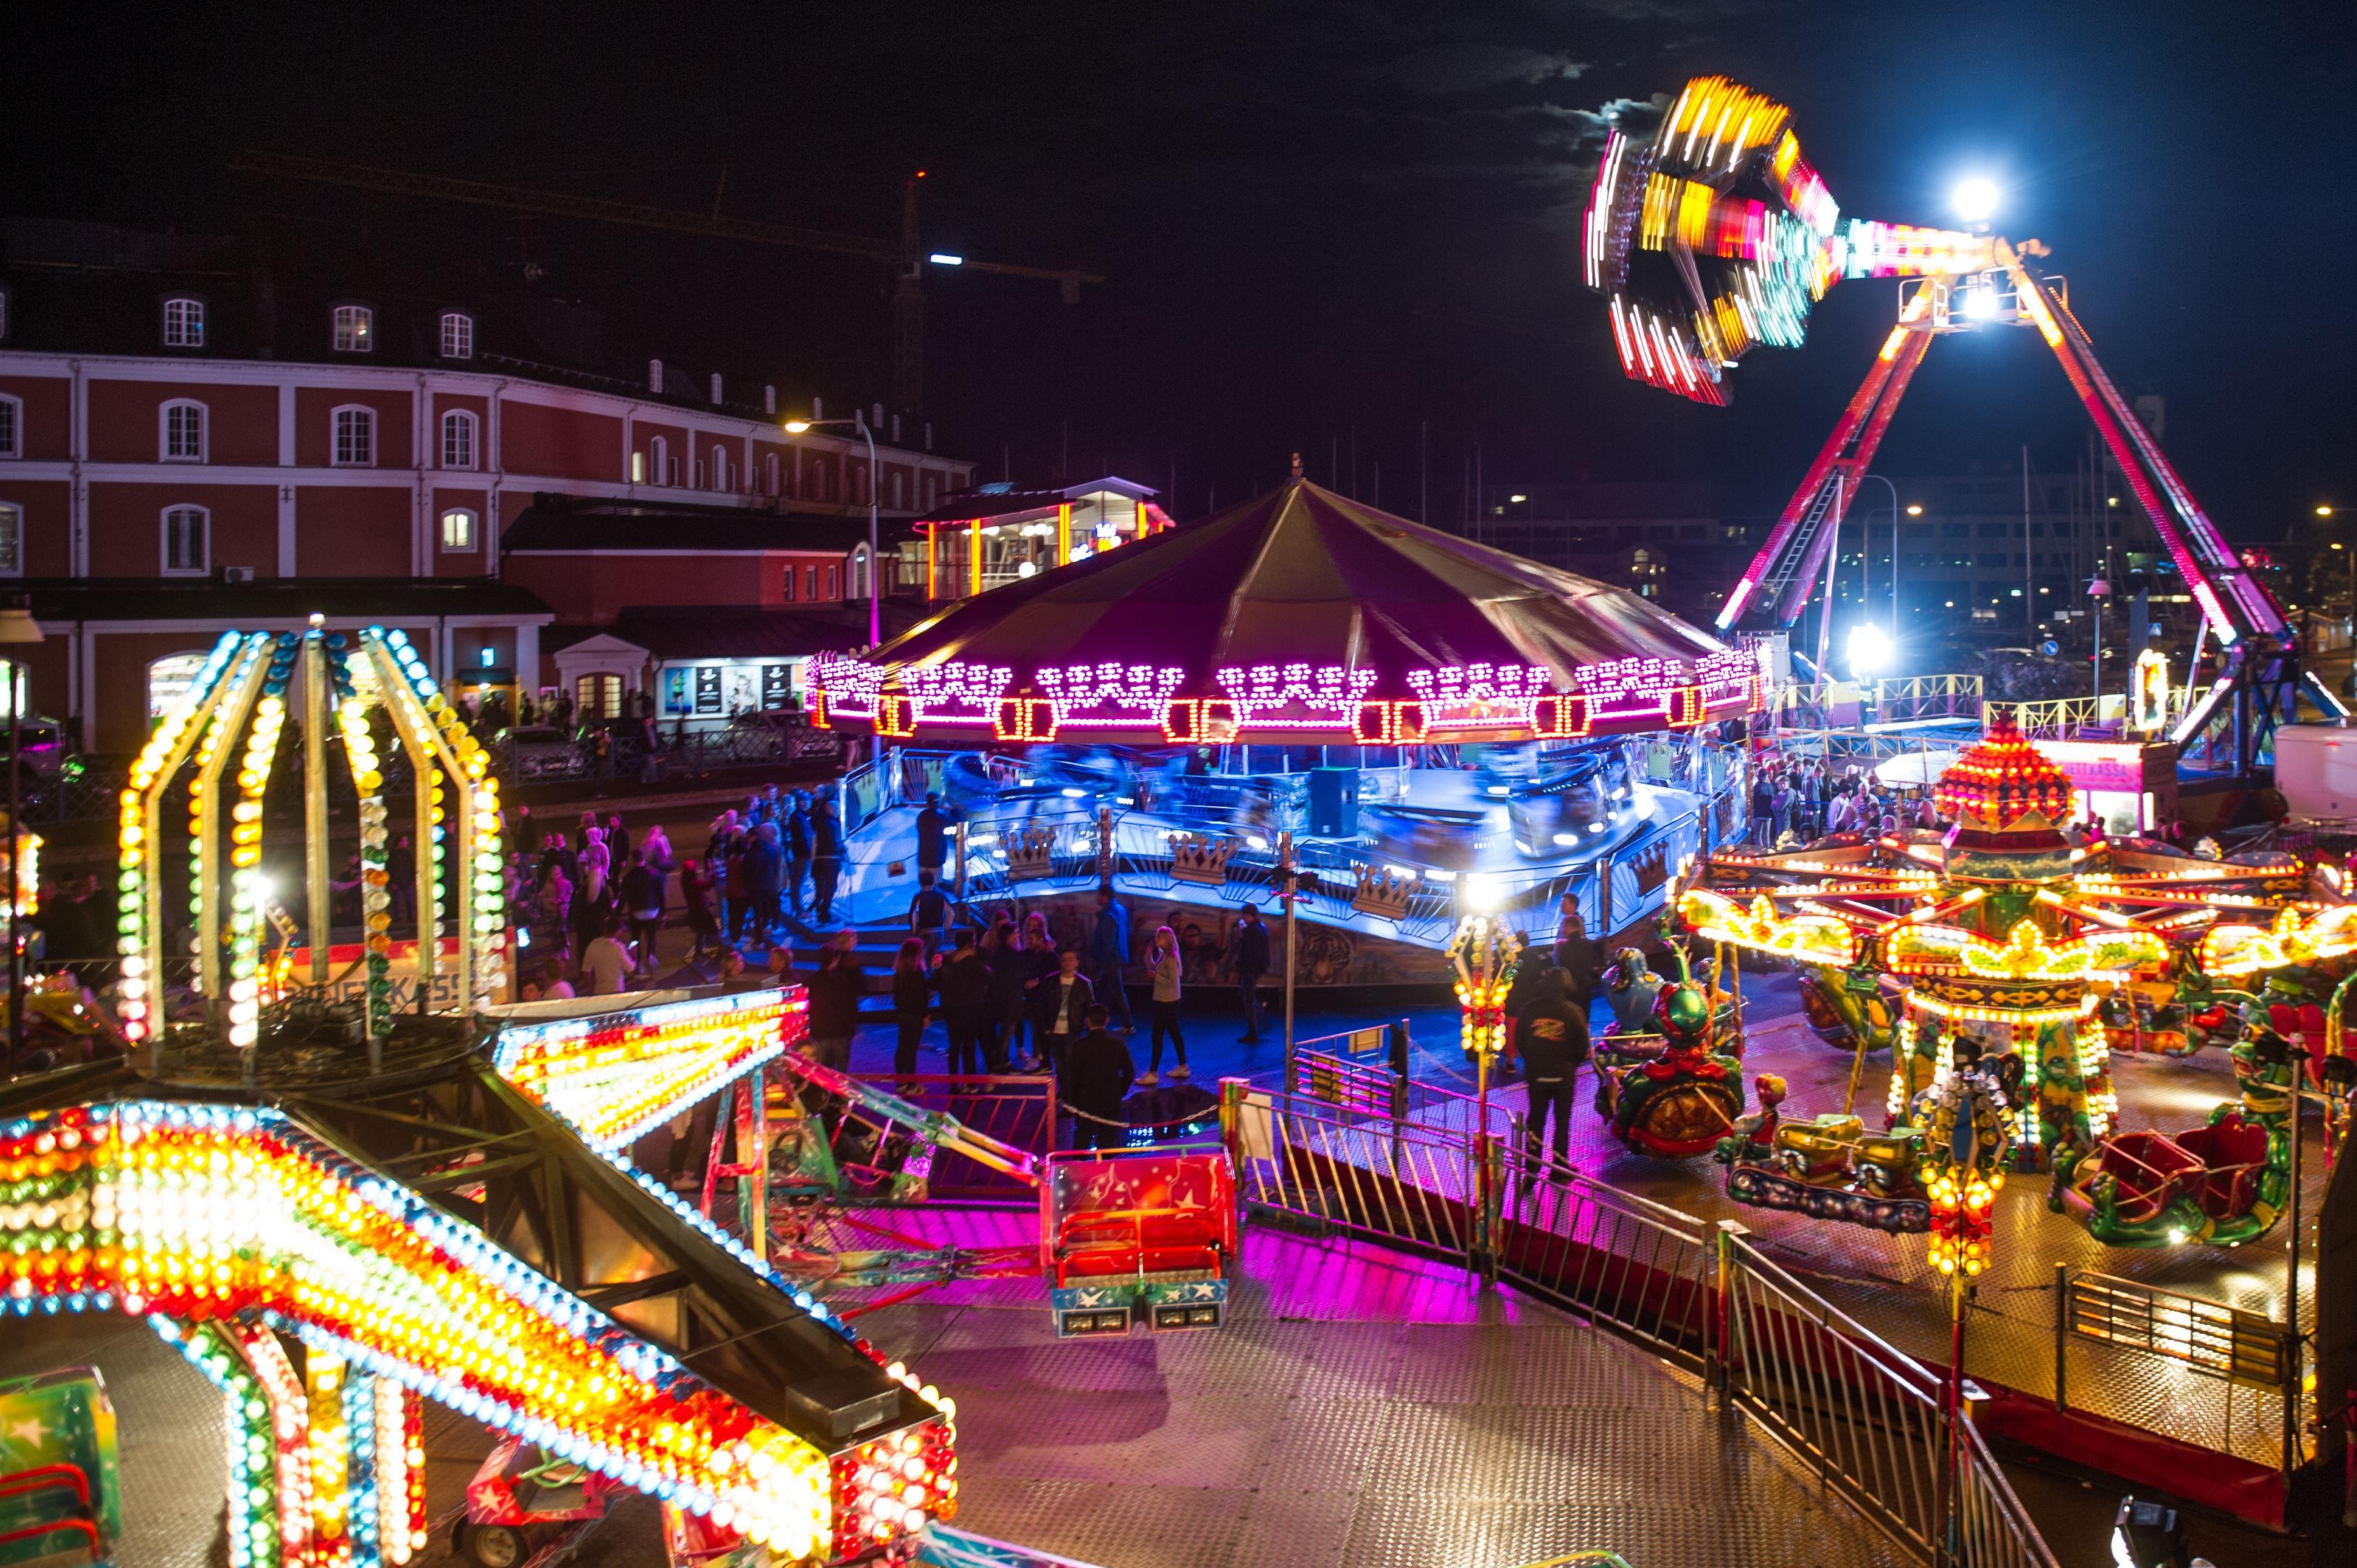 Kalmar stadsfest - Axels nöjesfält/tivoli